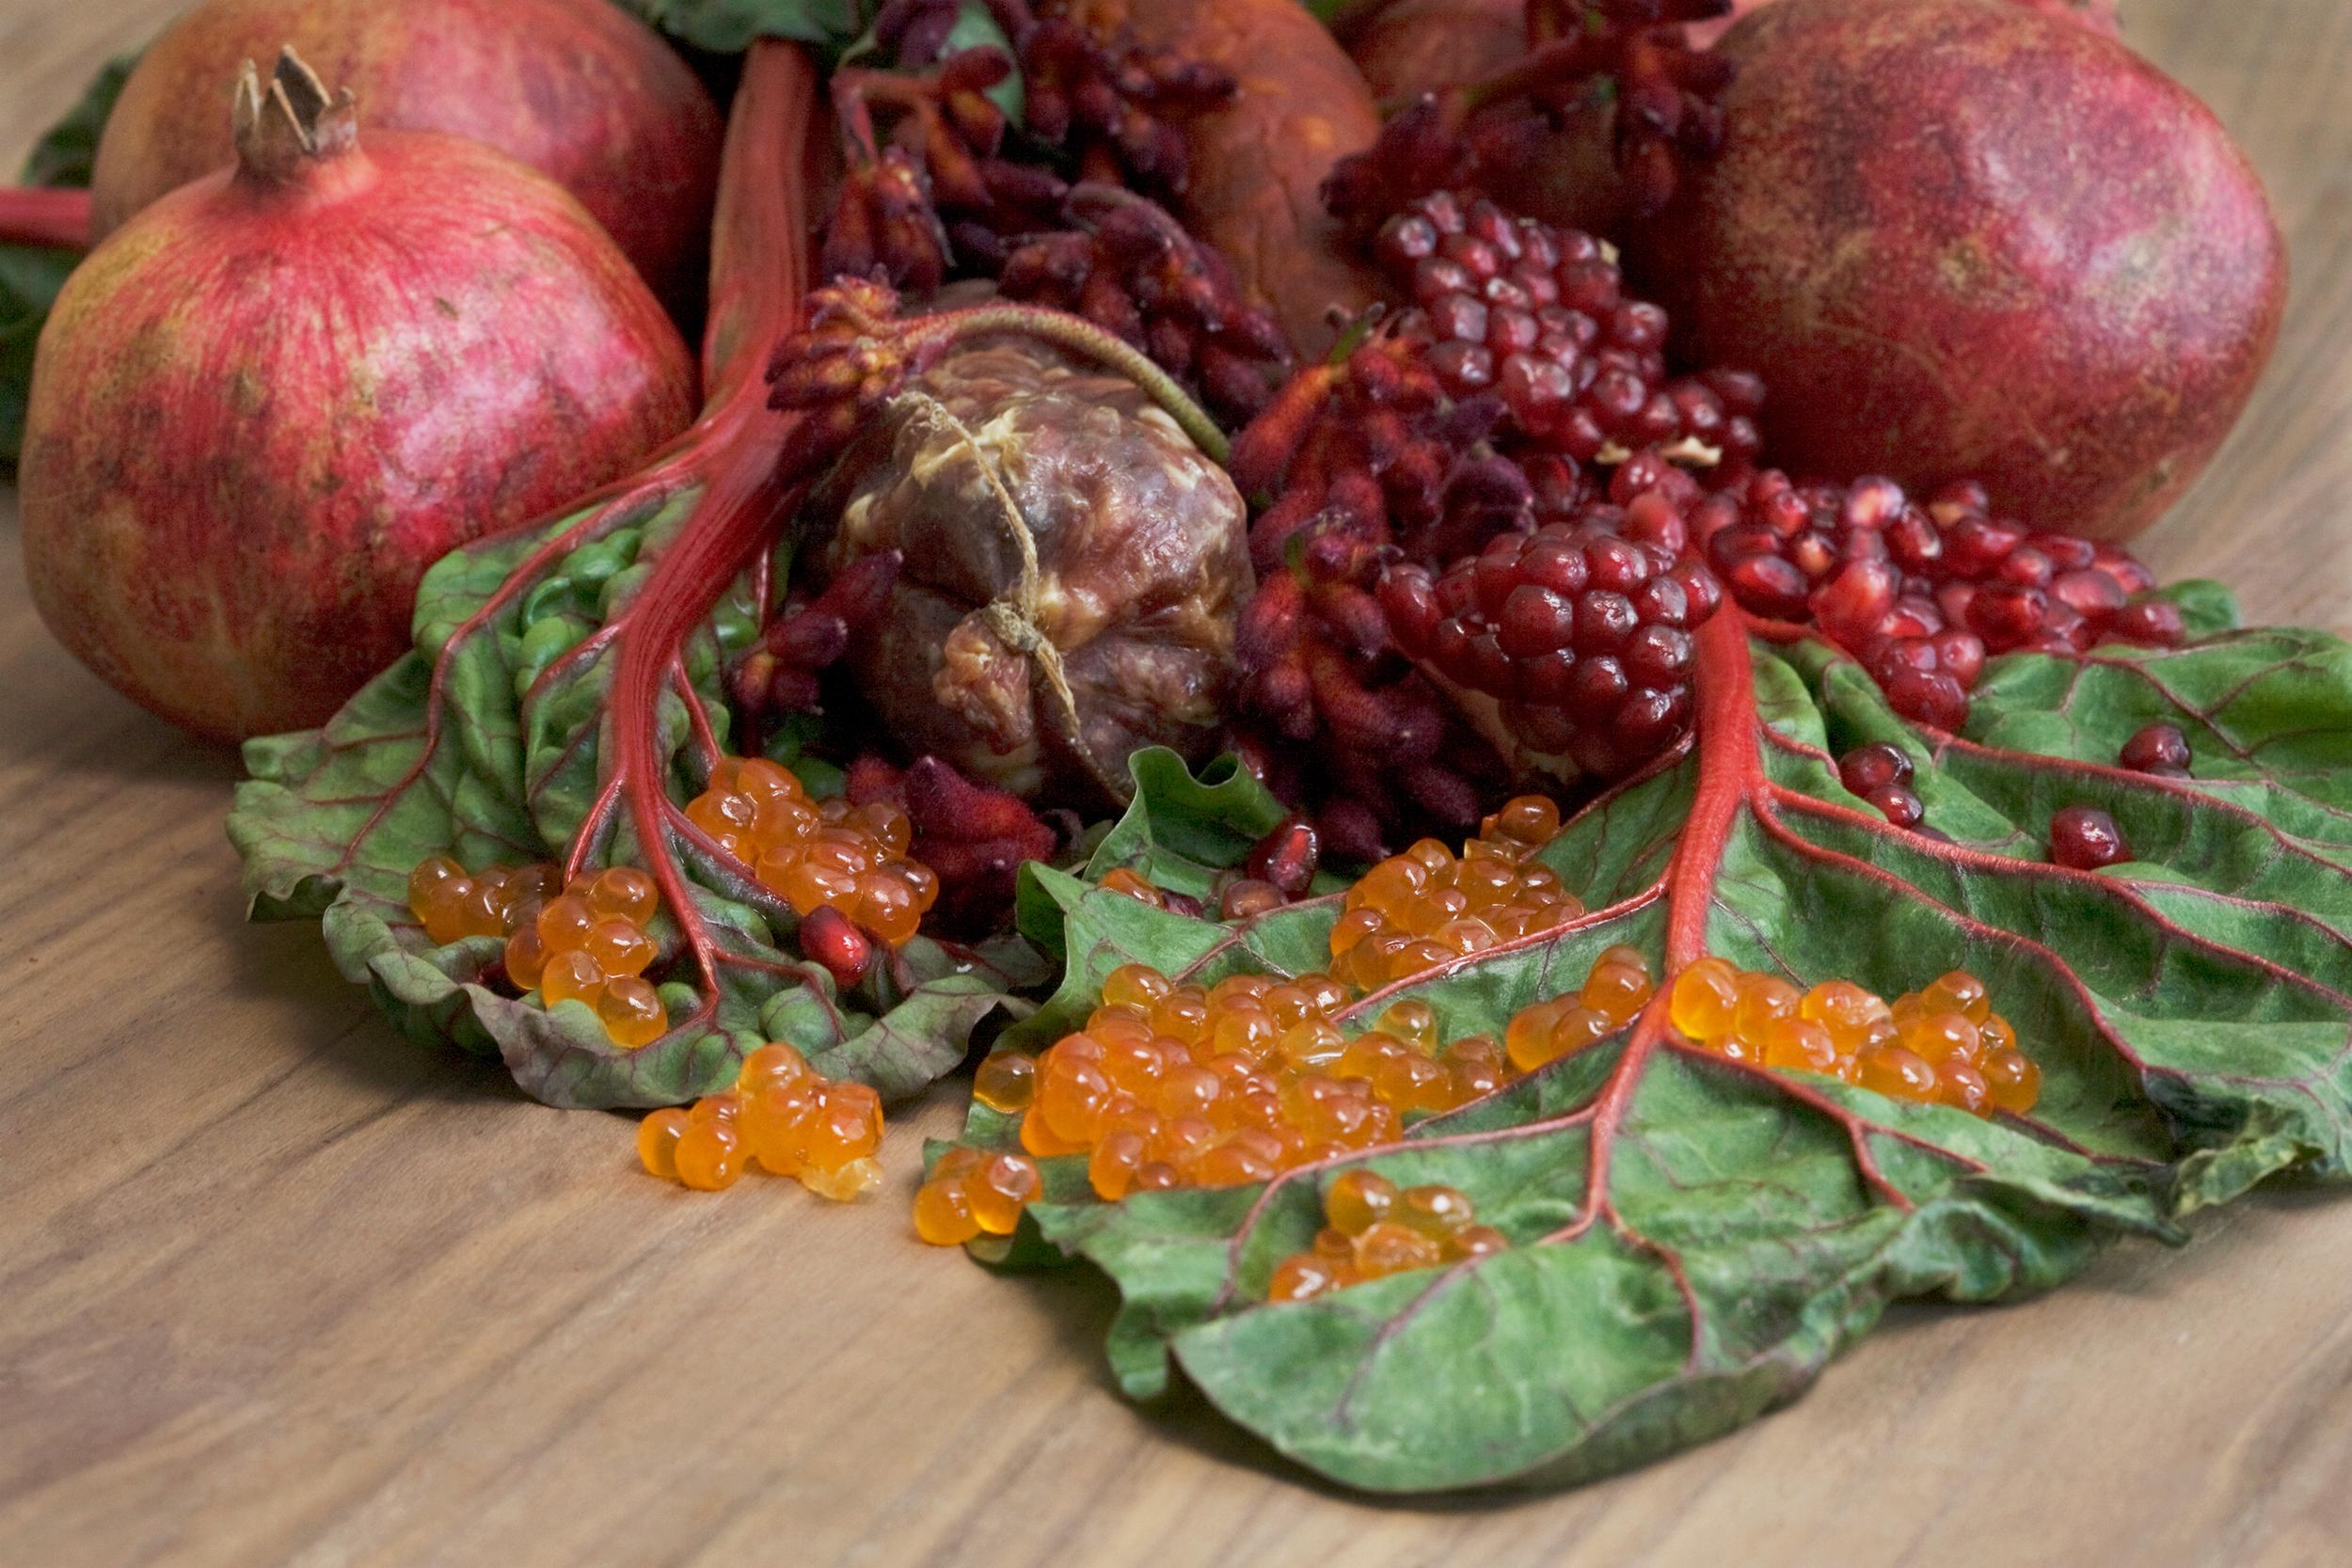 08_red_food-2.5.jpg